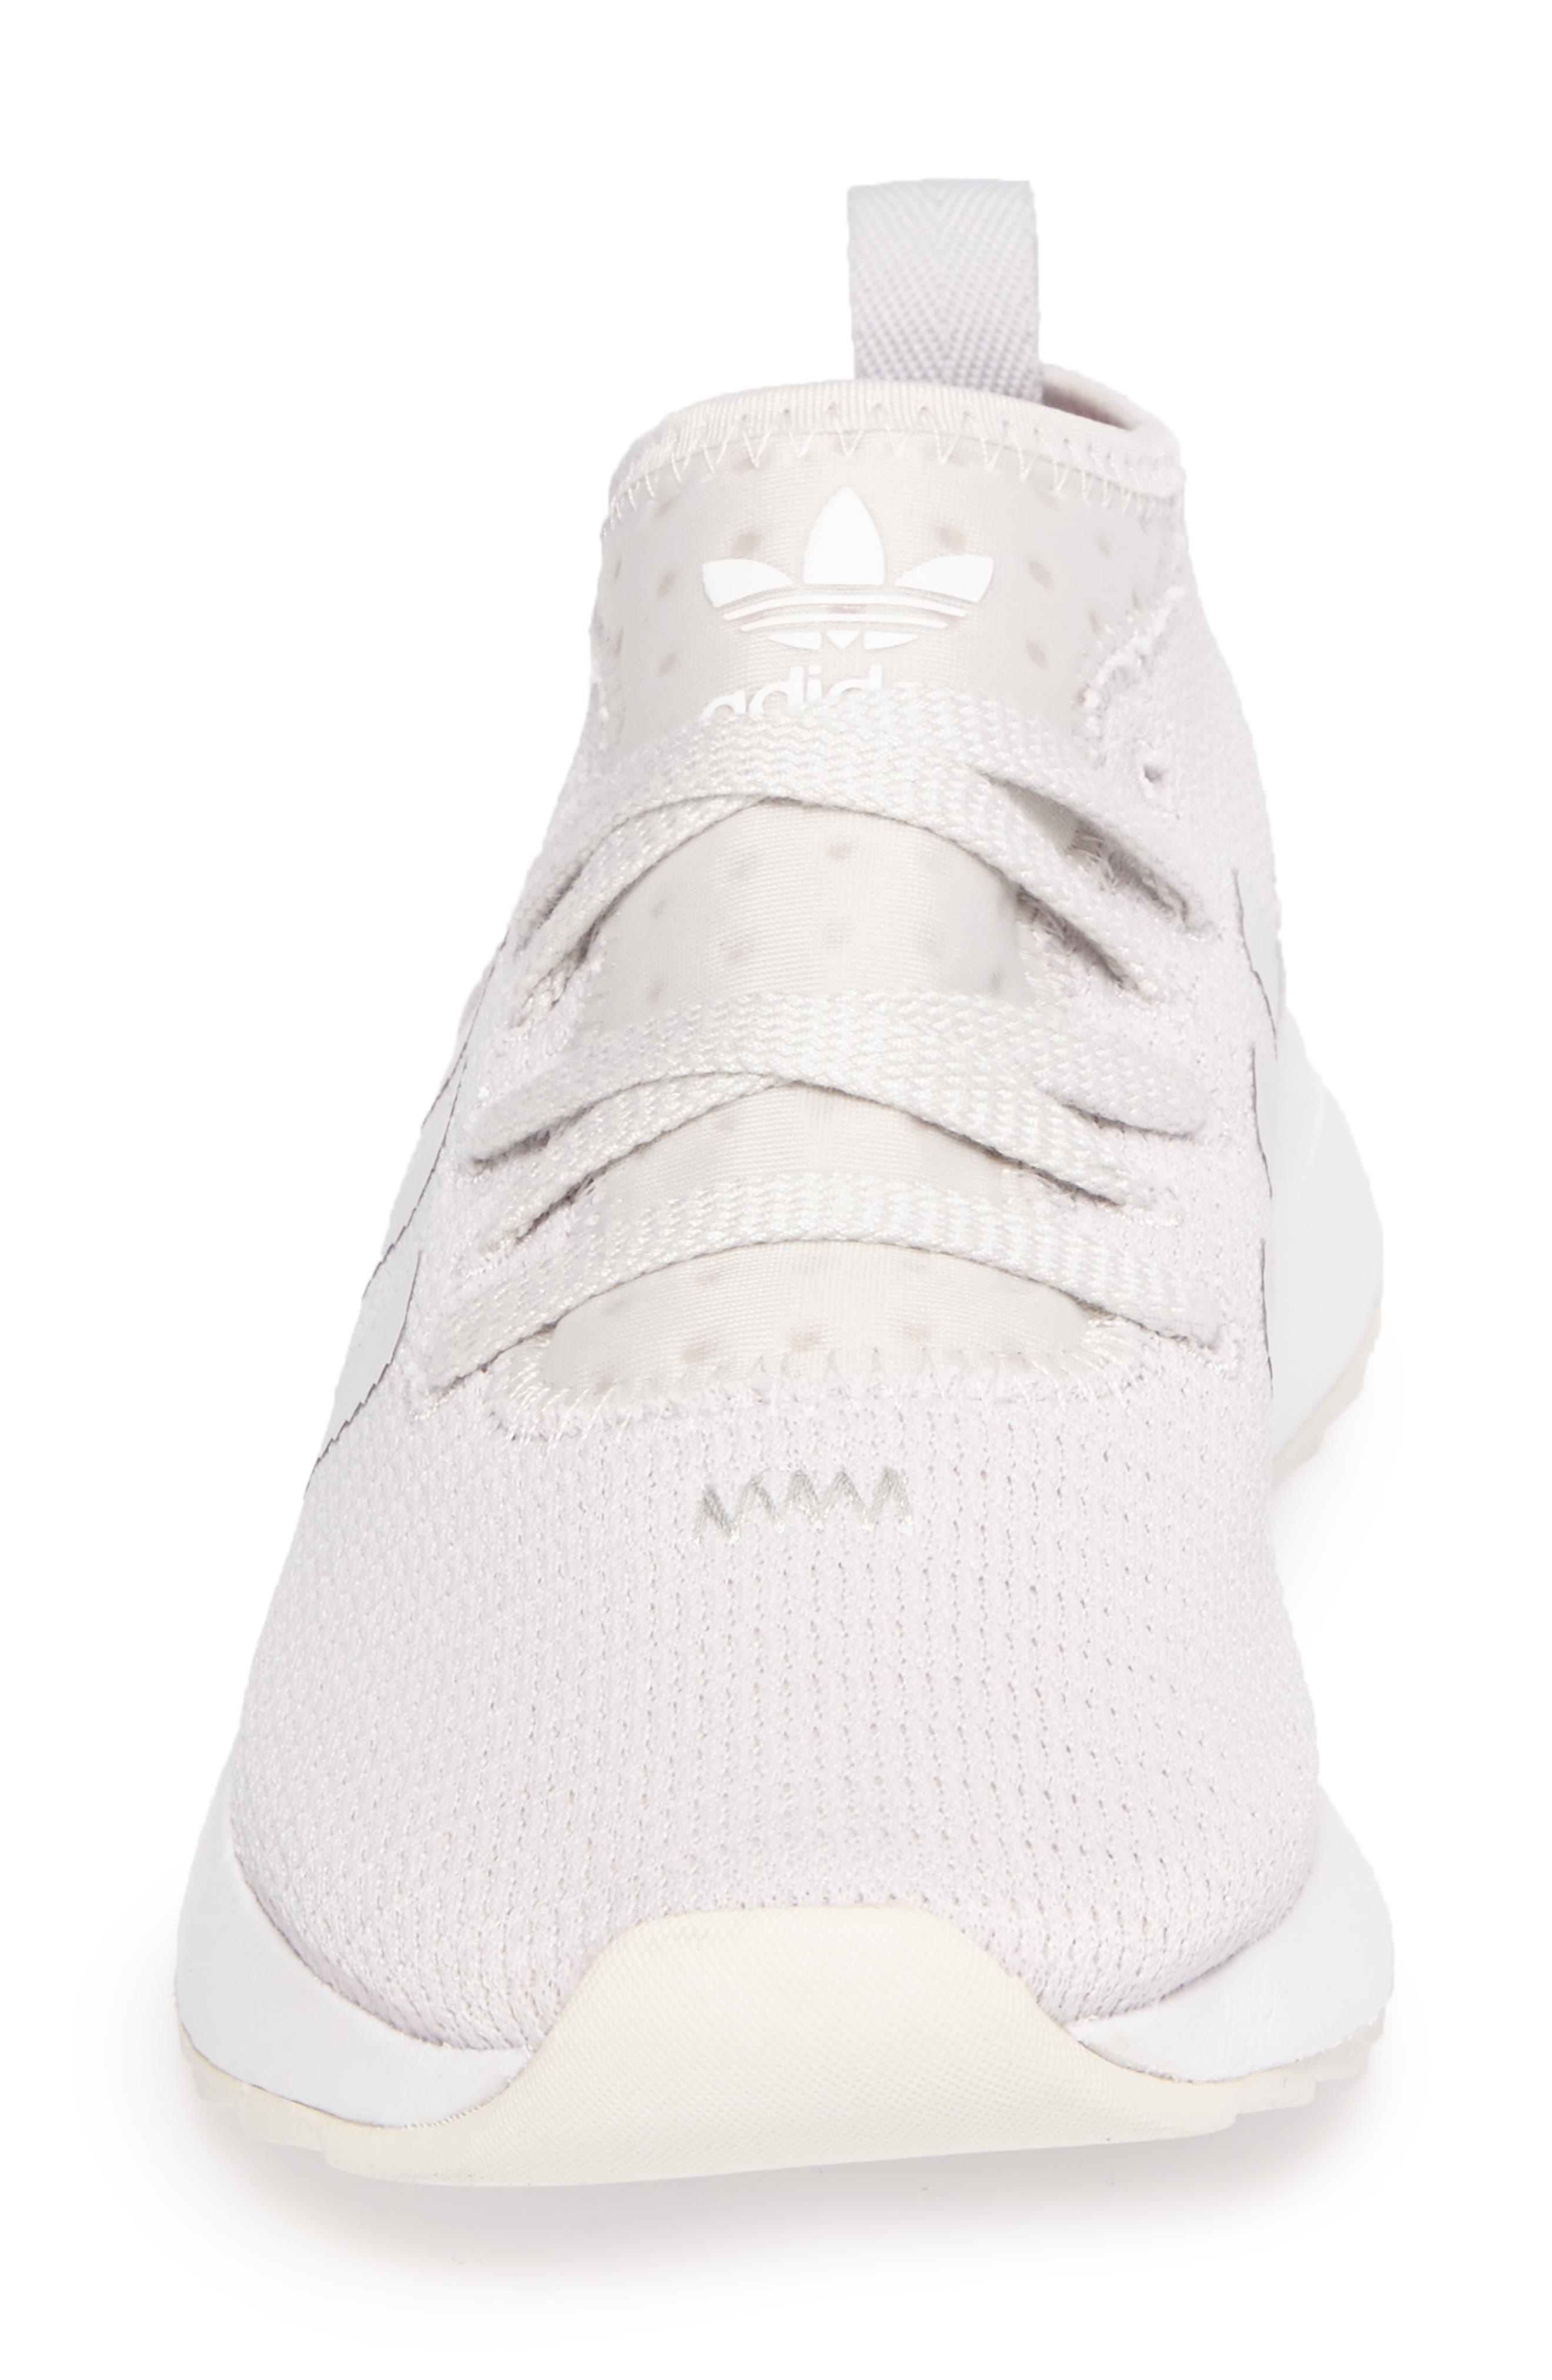 Flashback Winter Sneaker,                             Alternate thumbnail 4, color,                             056